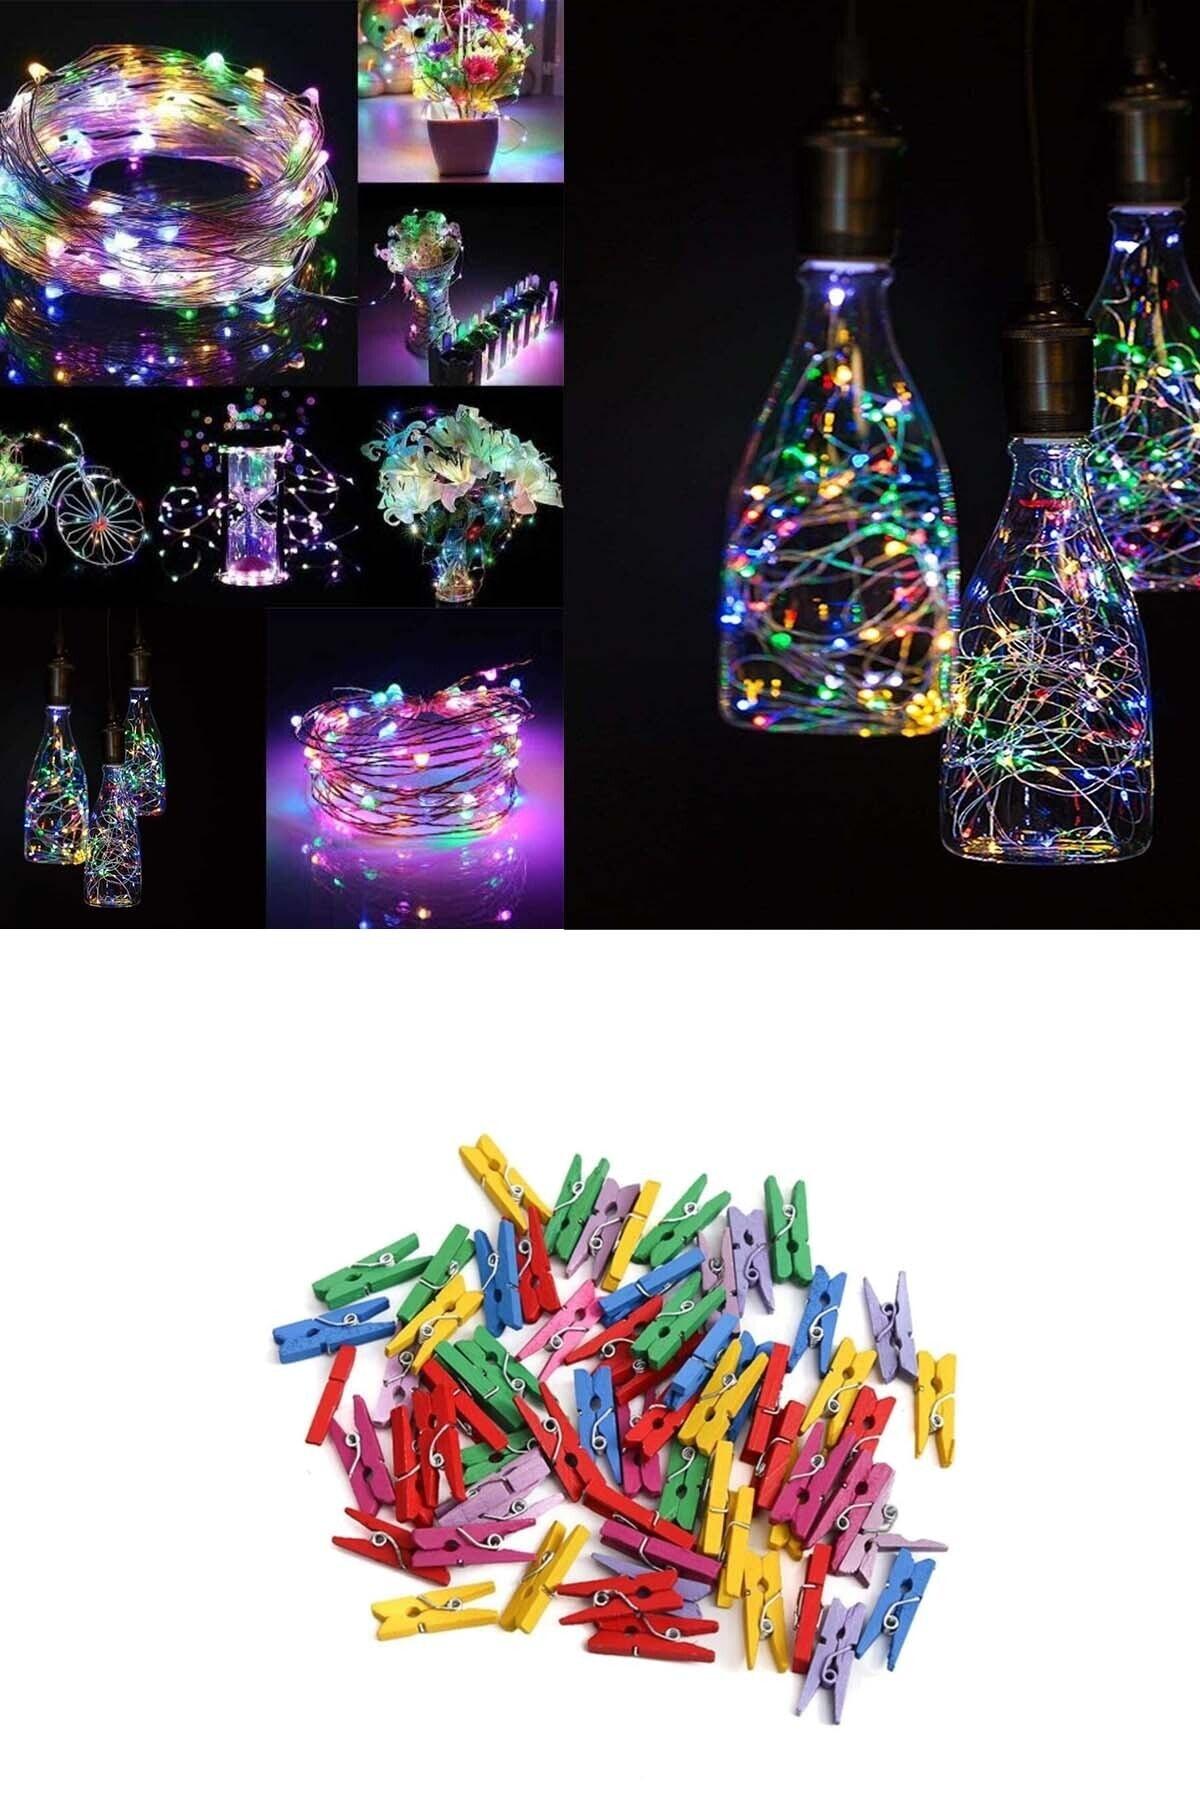 Alshop Peri Led Işık + 25 Renkli Mandal 2,50 cm 5 mt Fiyatı, Yorumları -  TRENDYOL